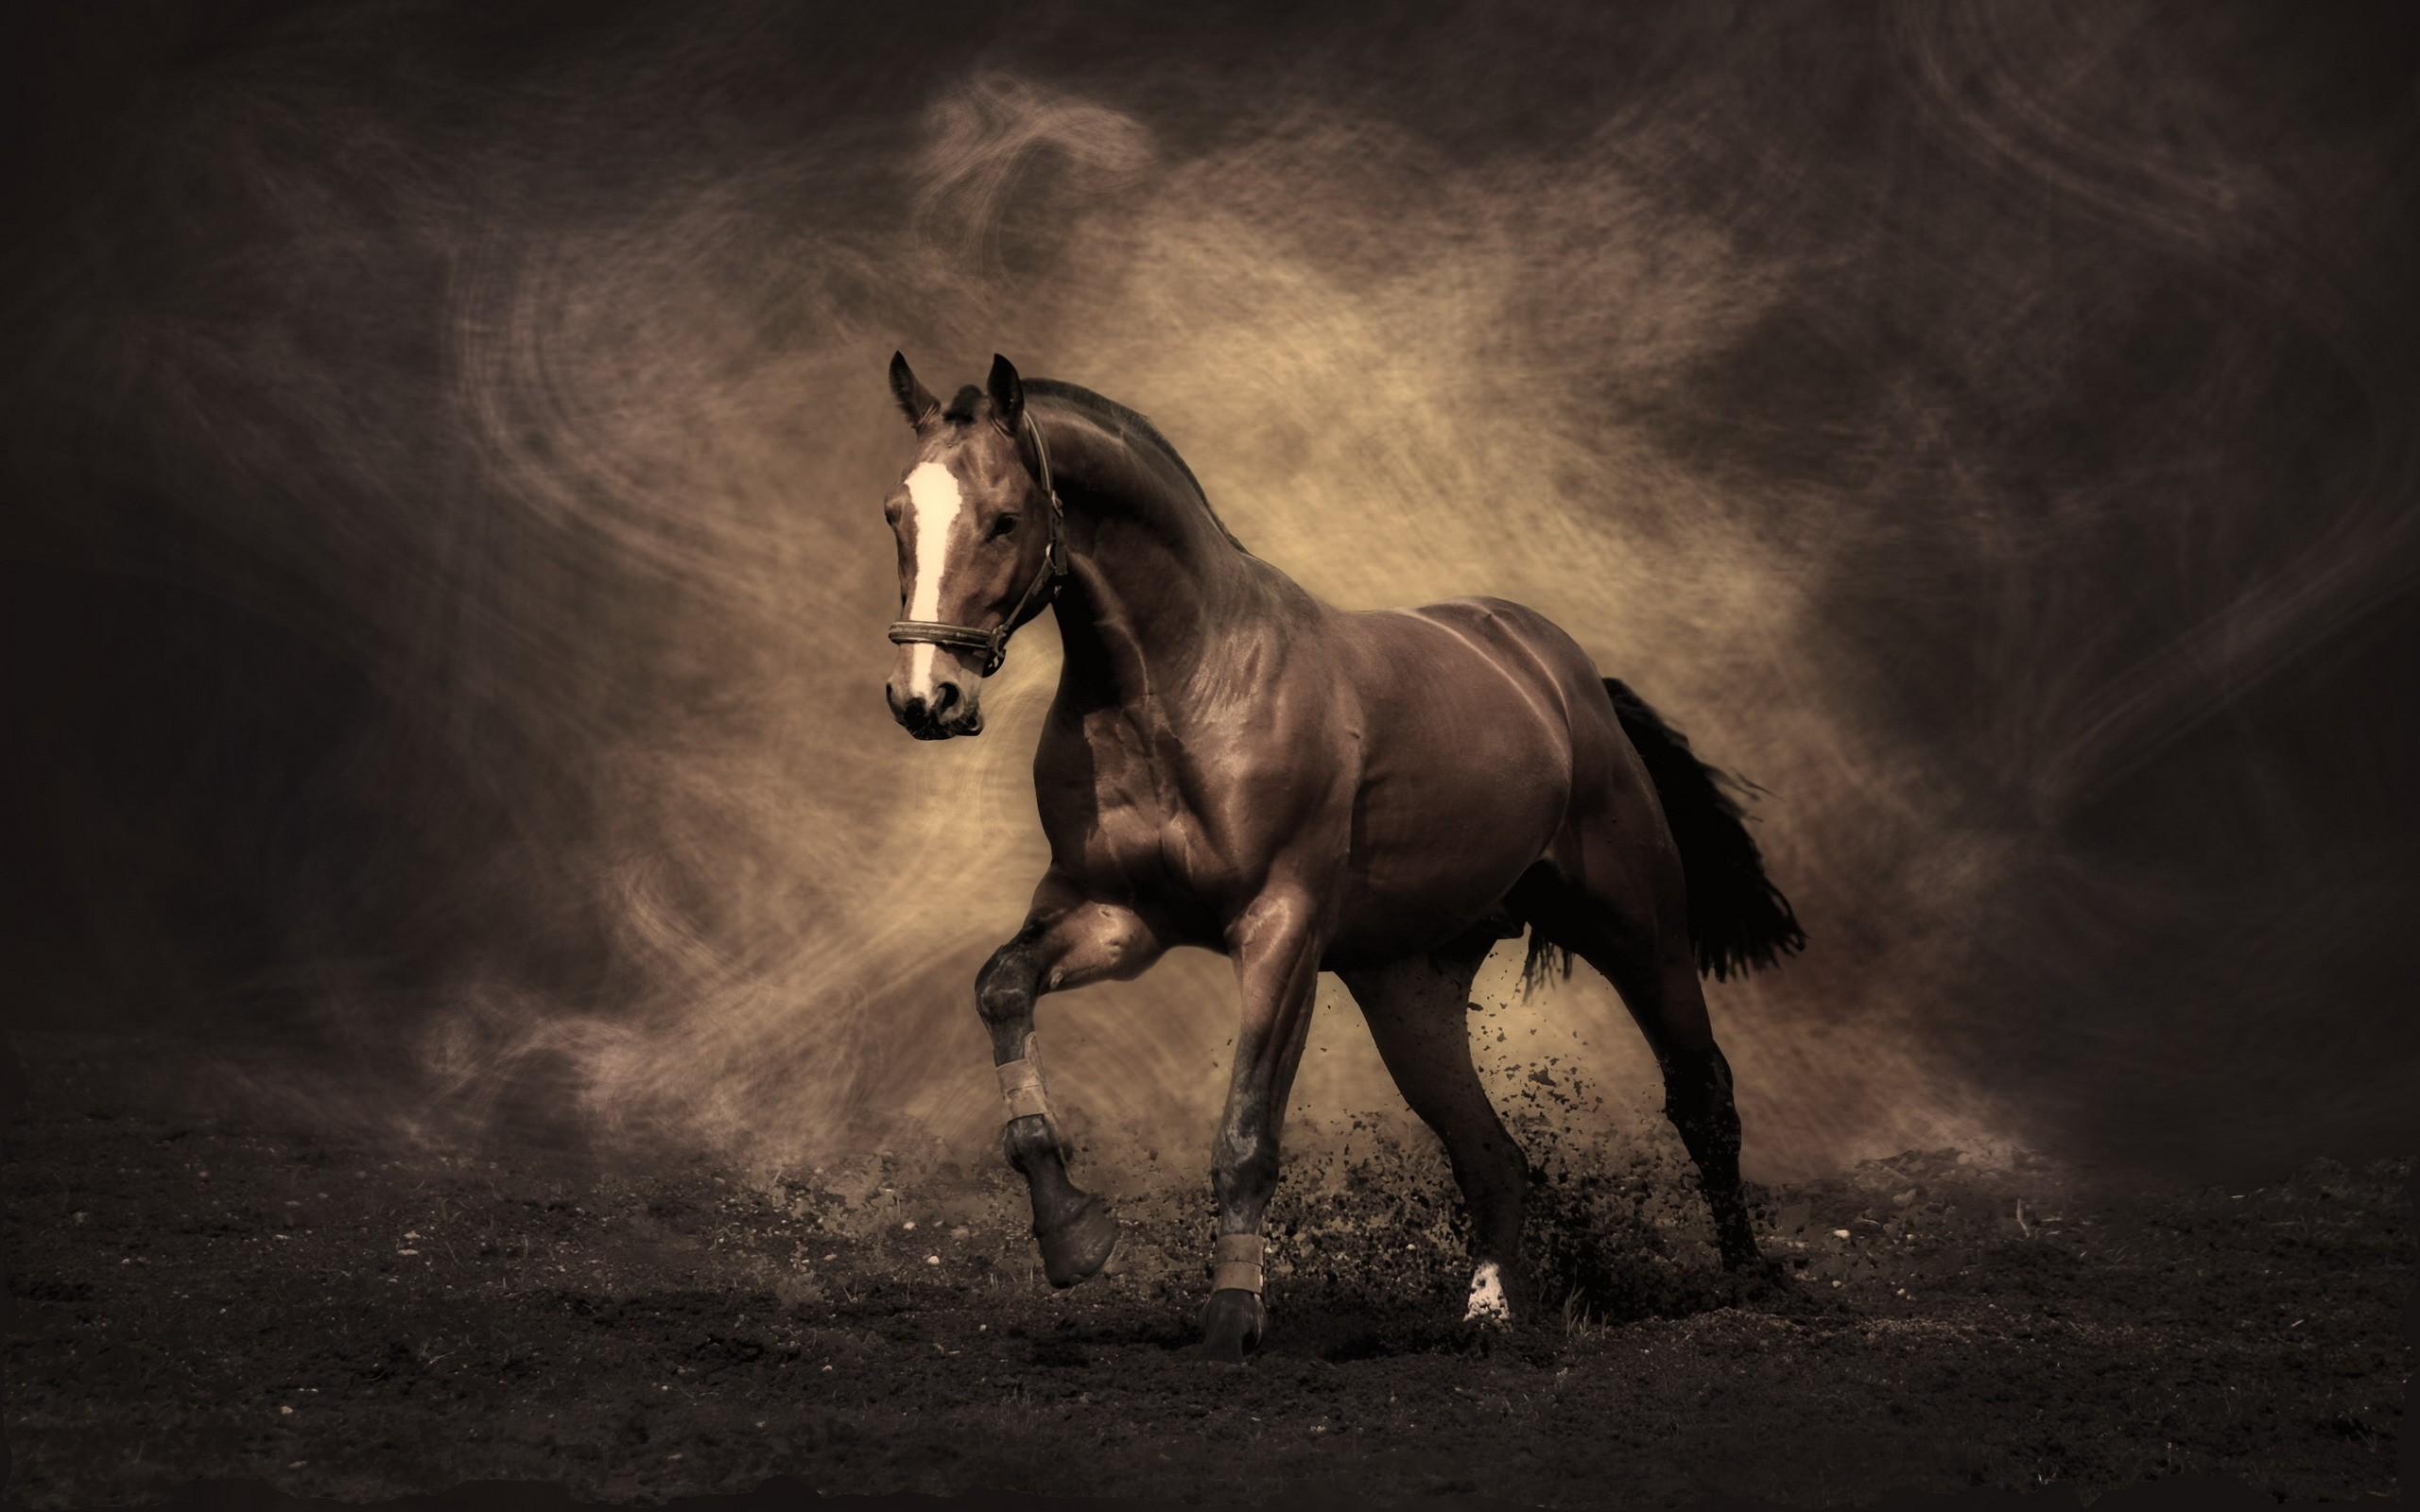 Equestrian horse running wallpaper HD Wallpaper 2560x1600